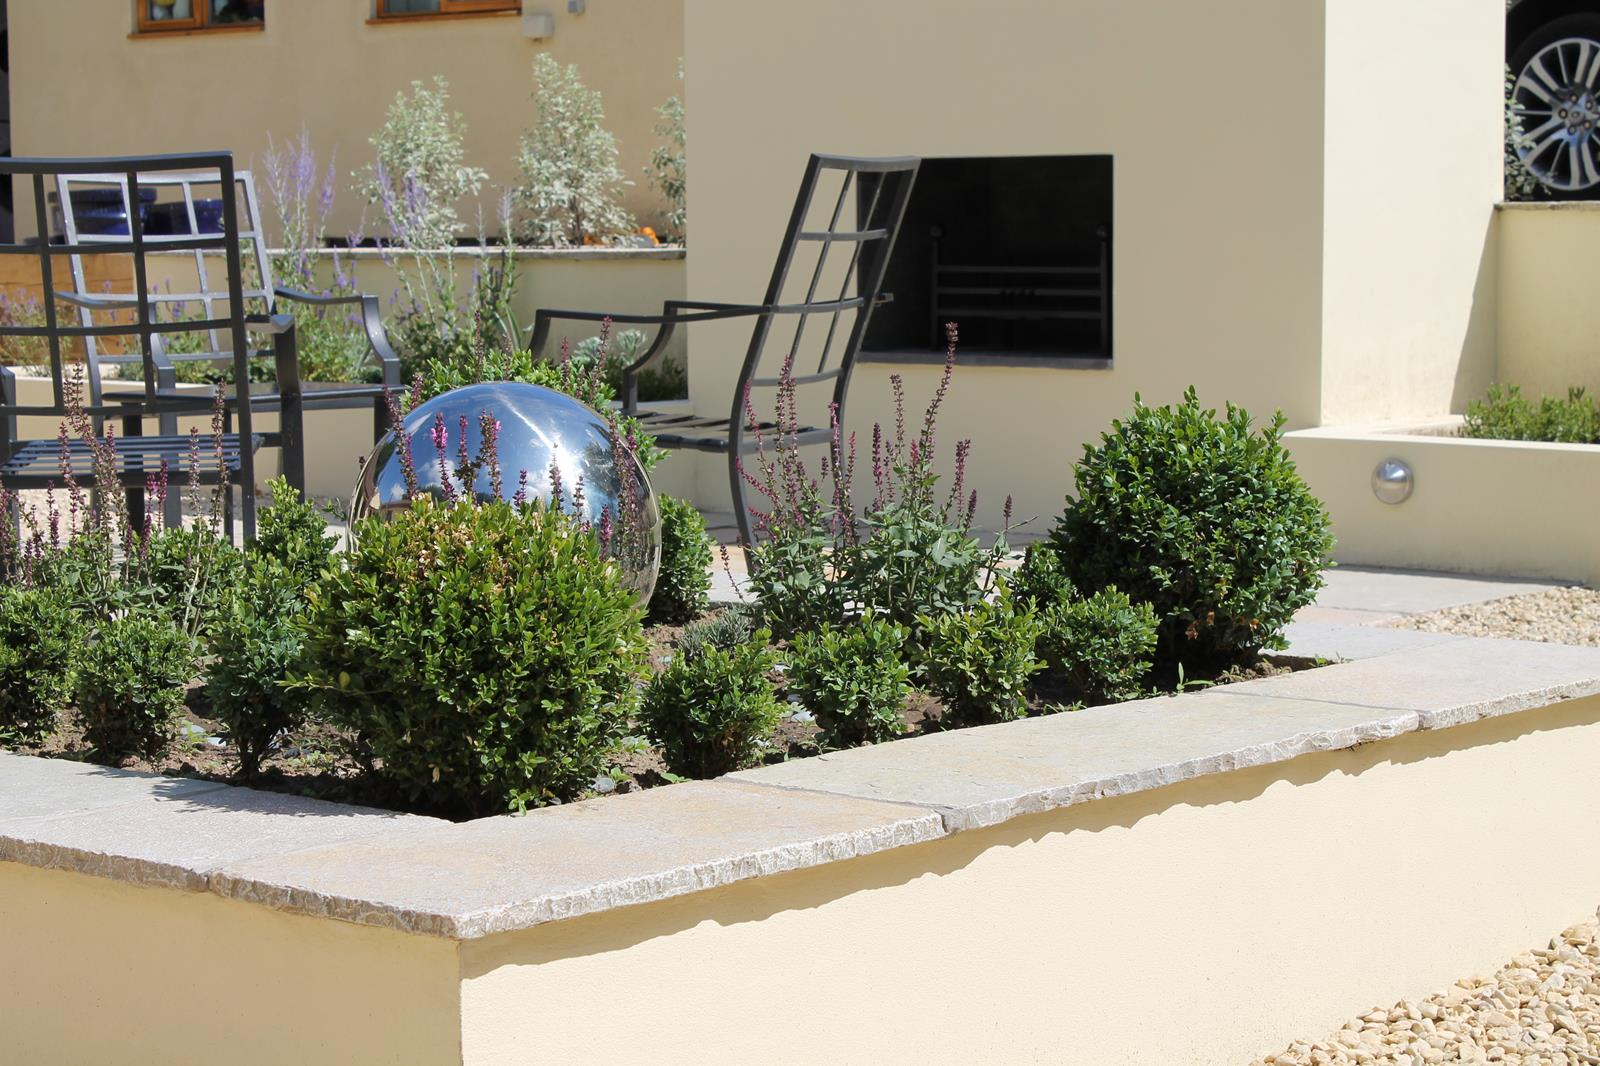 Sunken courtyard garden outerspace for Outer space garden design clevedon